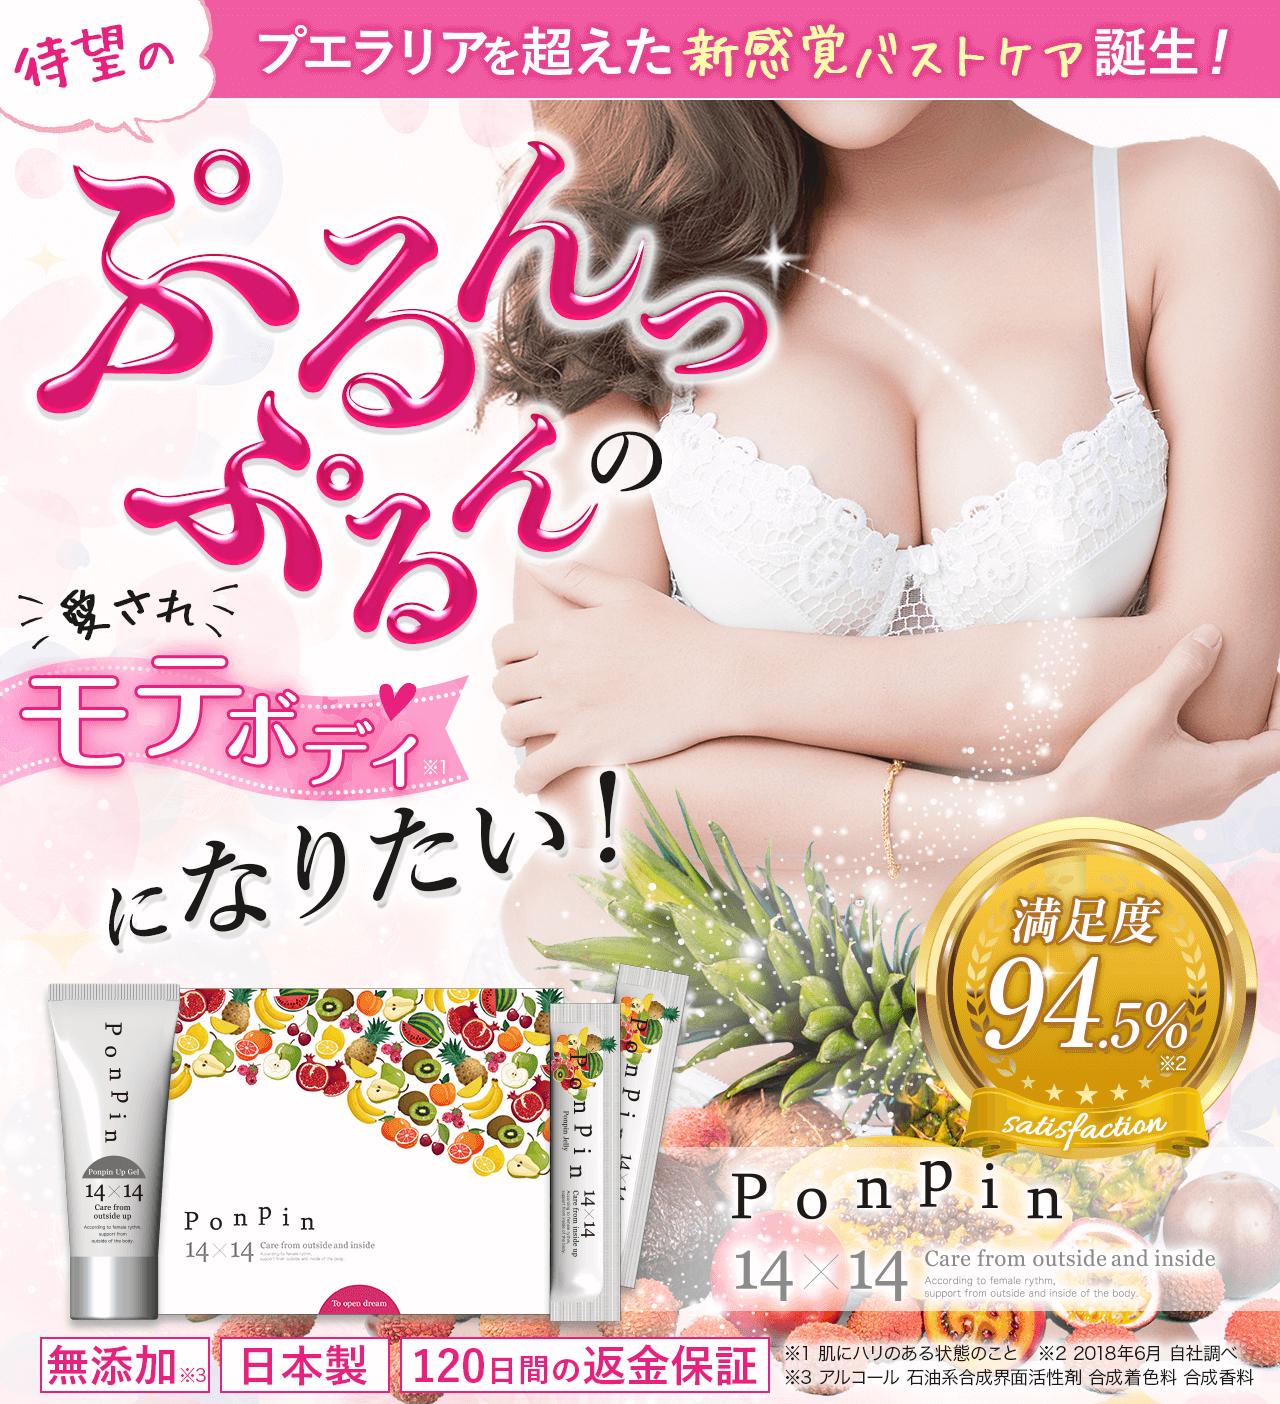 Ponpin(ポンピン)2